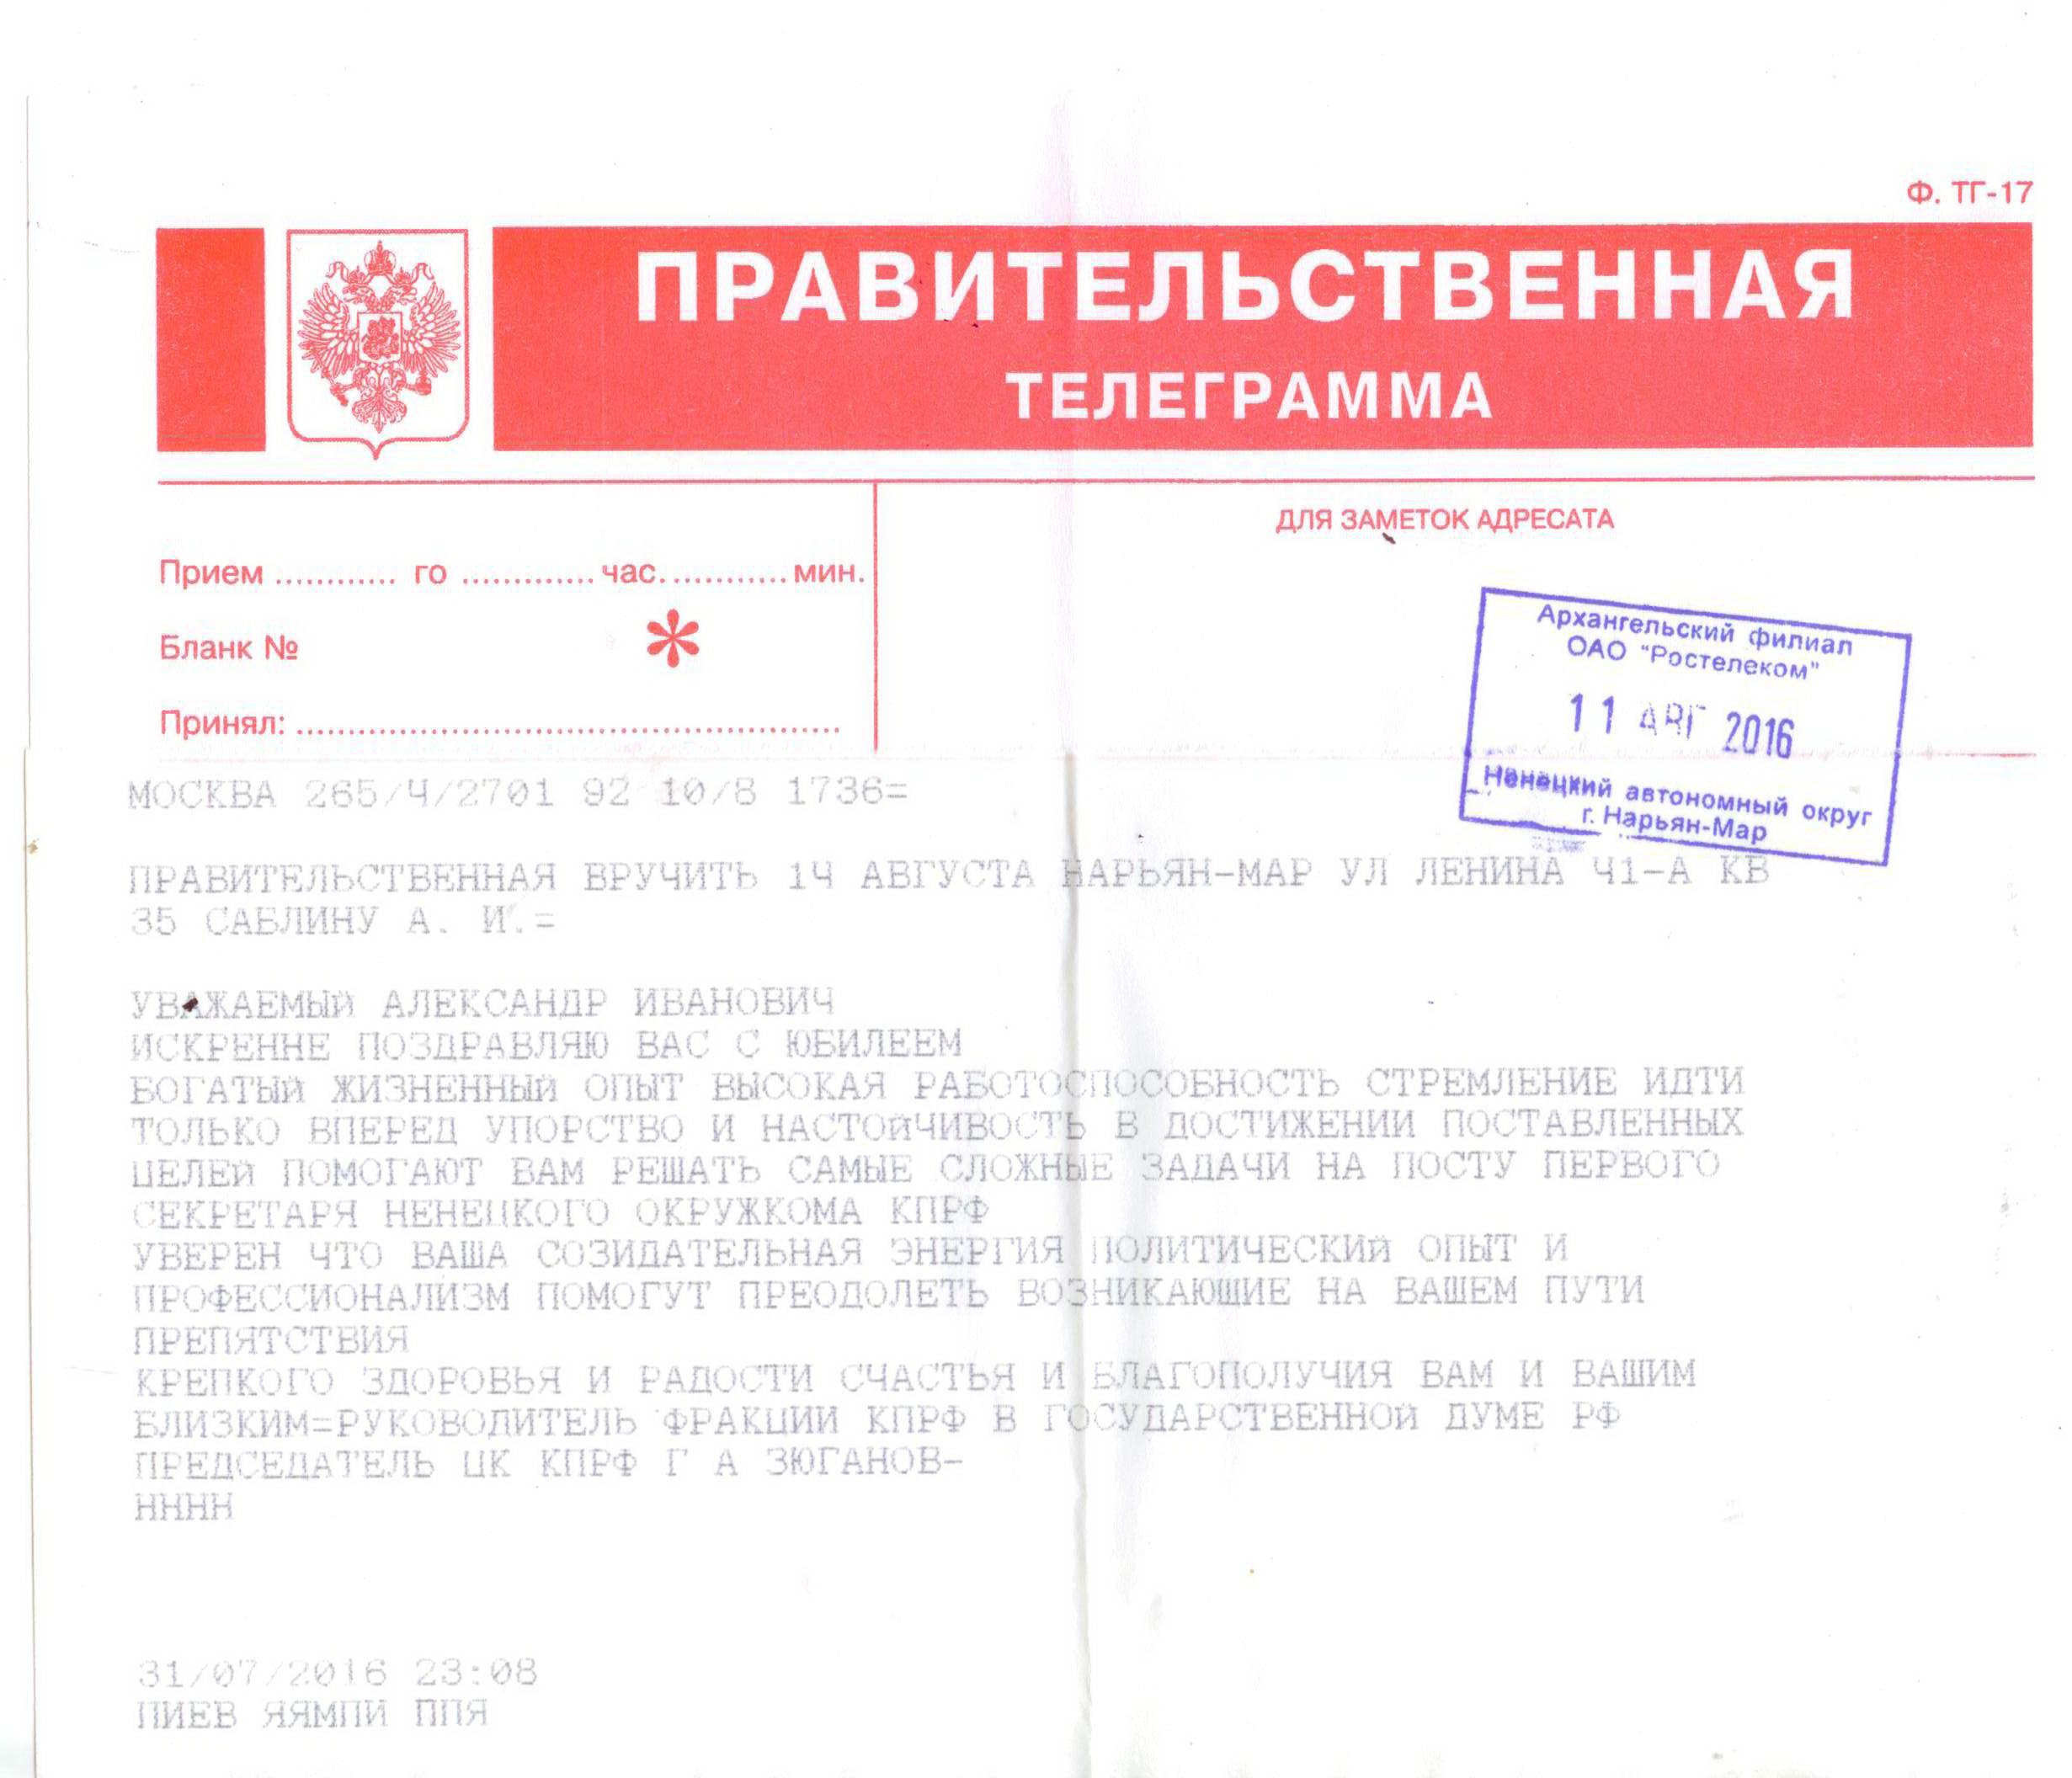 Телеграмма 001